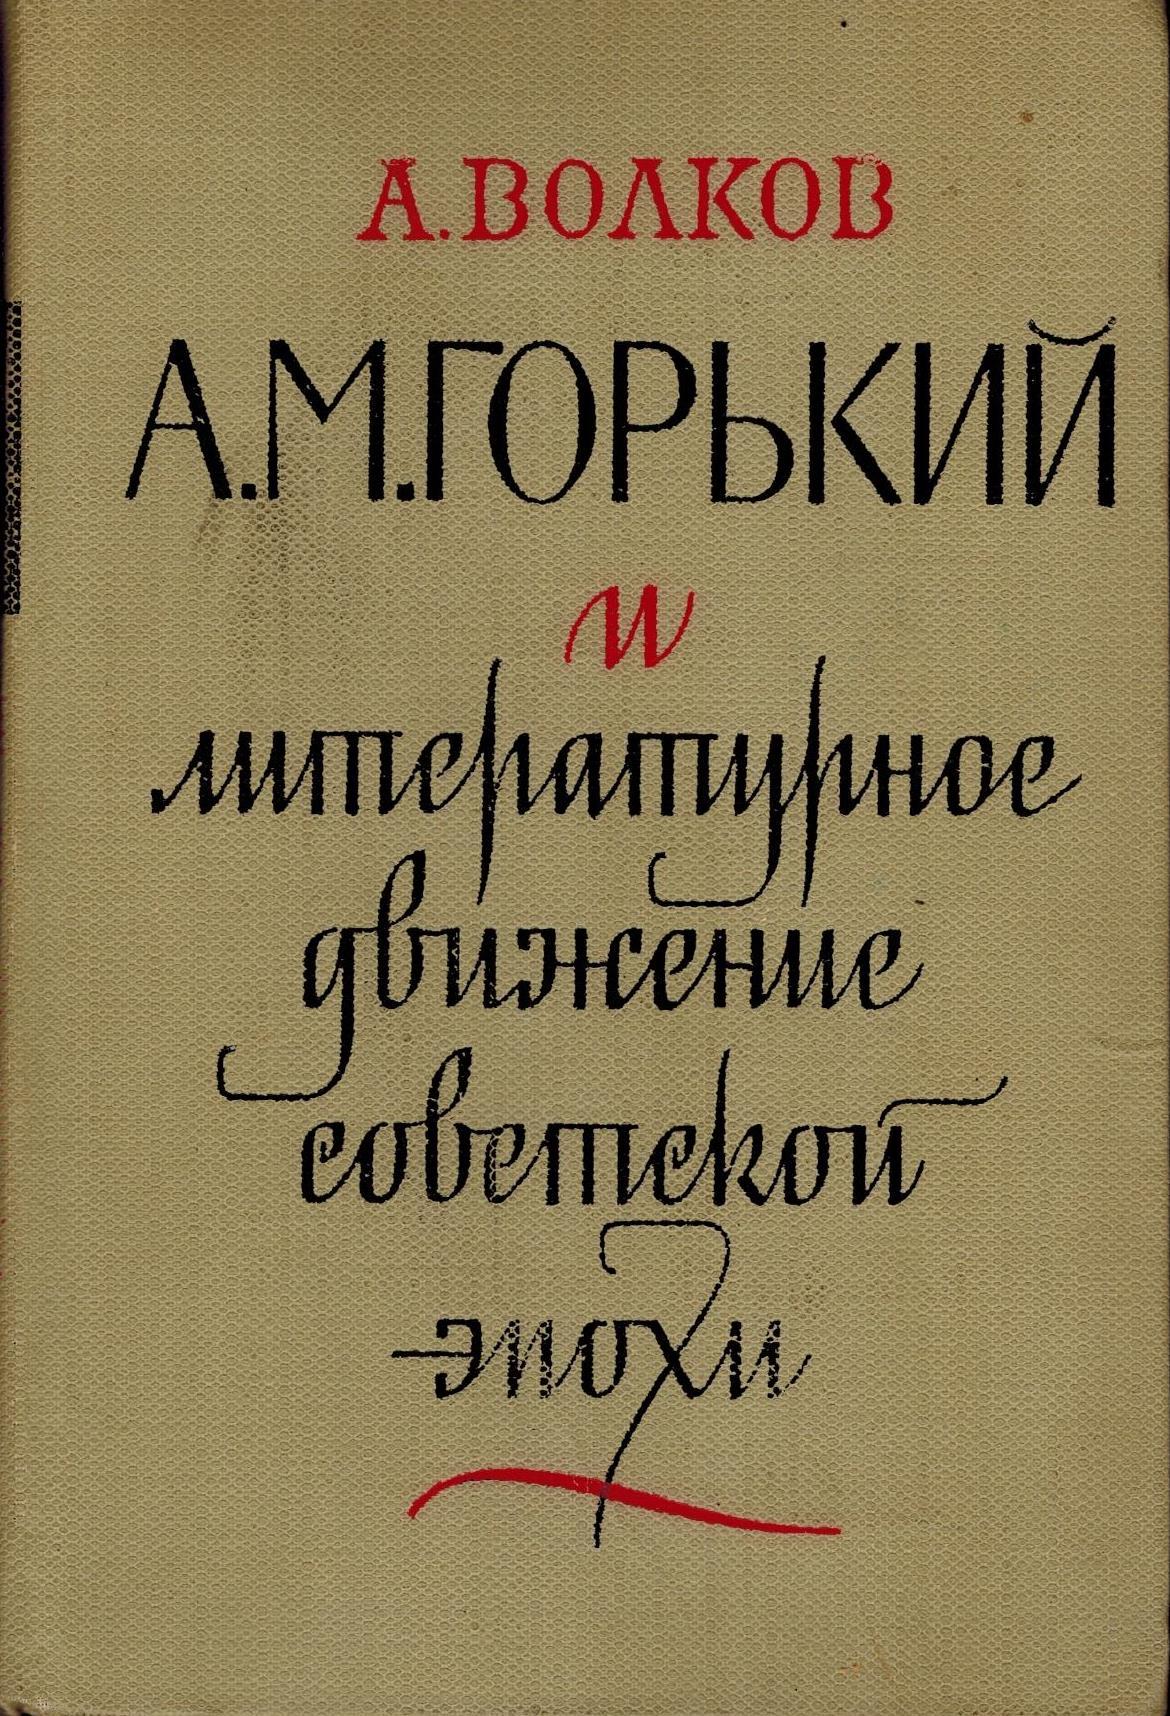 Волков А. А. М. Горький и литературное движение советской эпохи цена в Москве и Питере